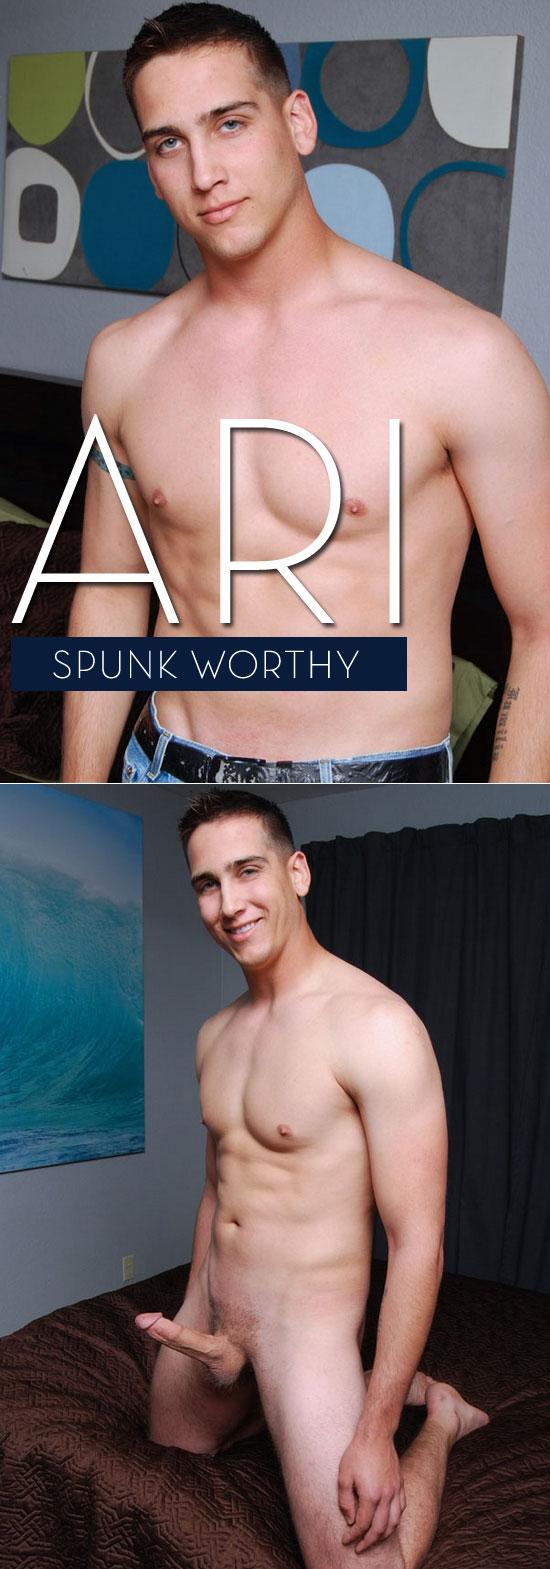 Ari cums again